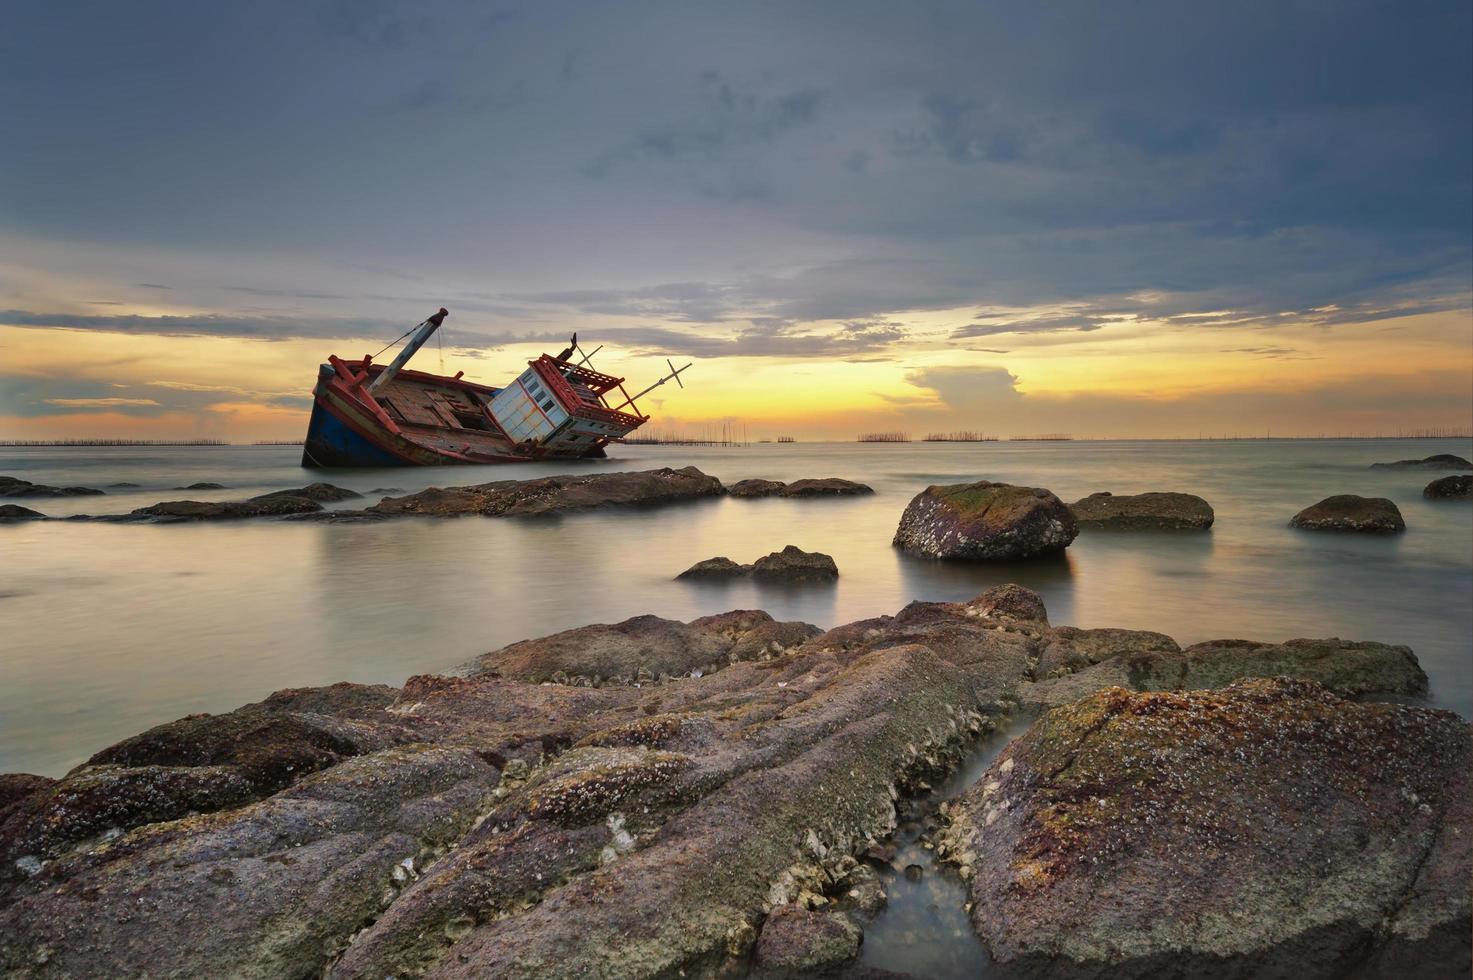 barca naufragata al tramonto foto